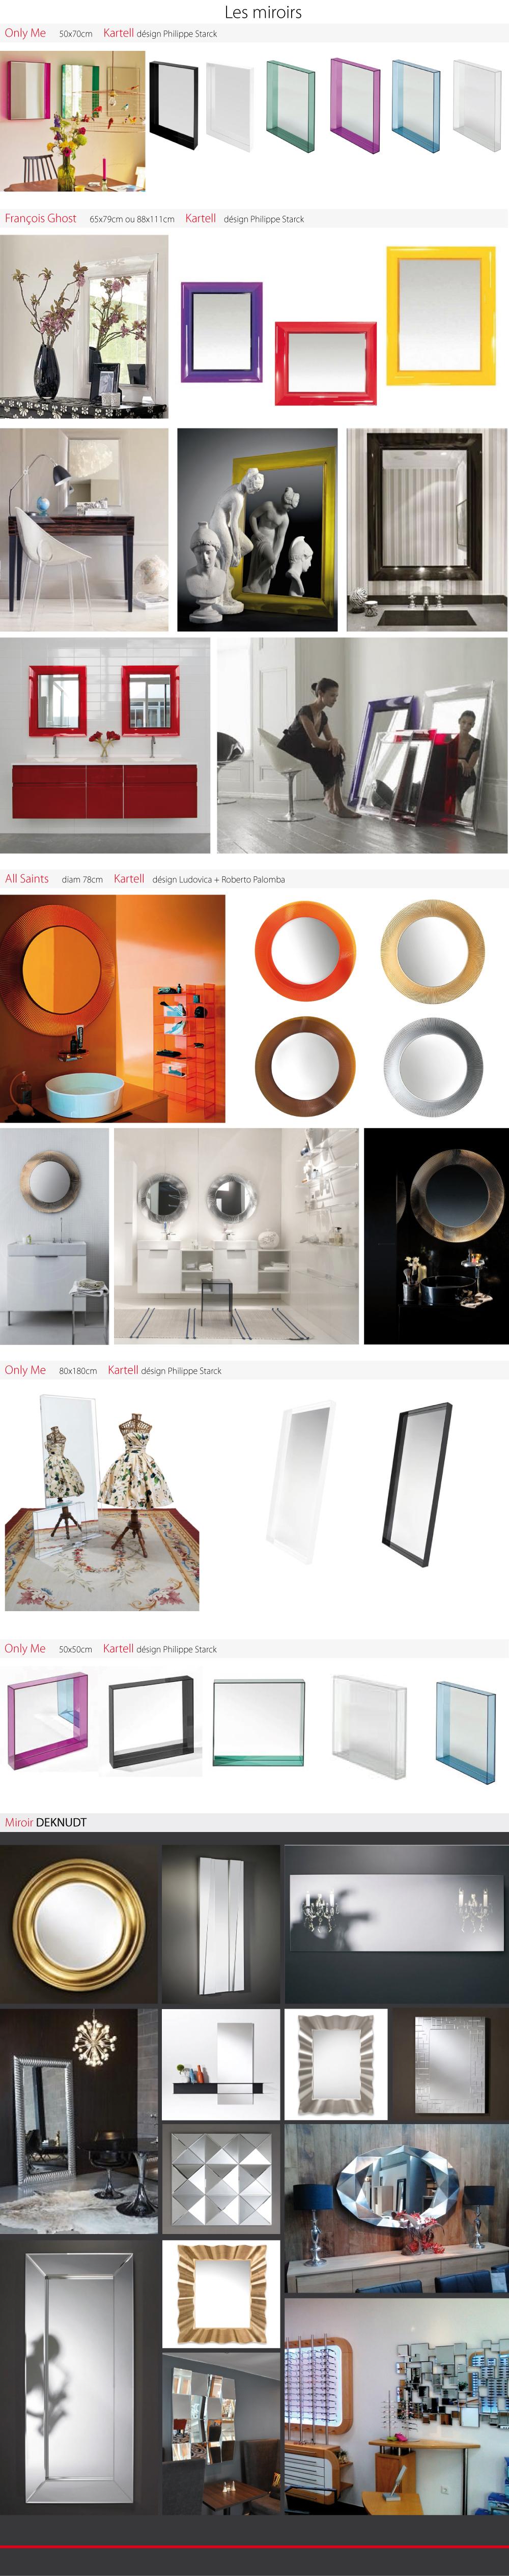 Meuble Salle De Bain Kartell ~ cuisine salle de bain rangement living dressing fabricant cuisine